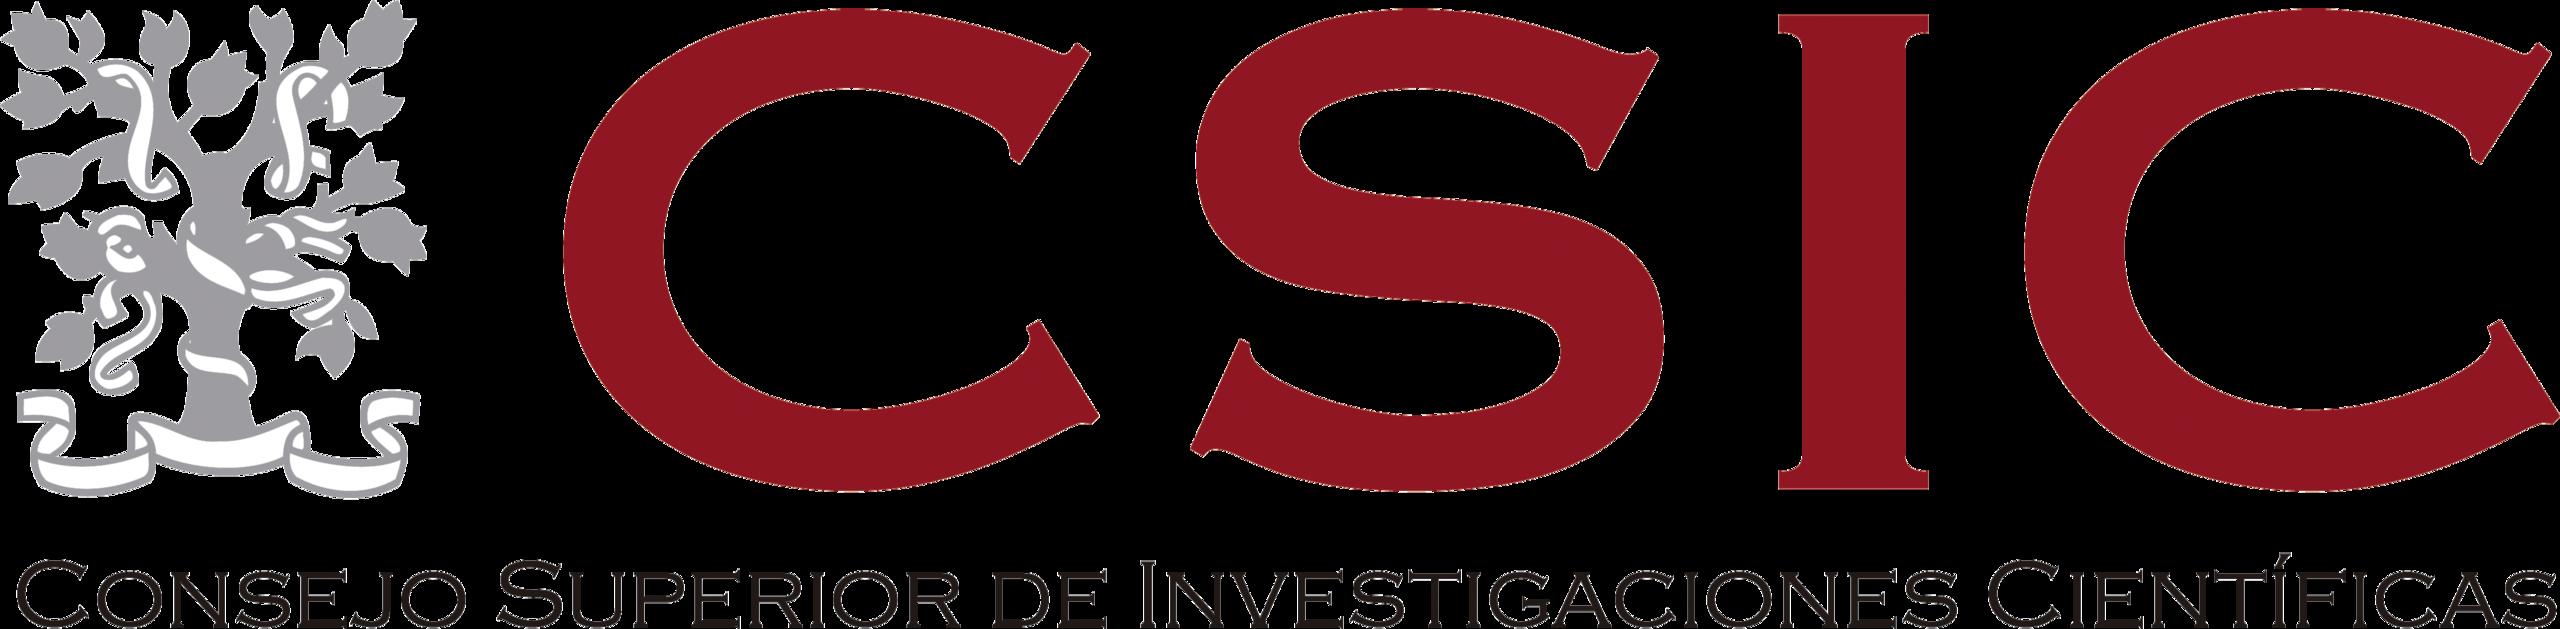 logo-csic-big-trans